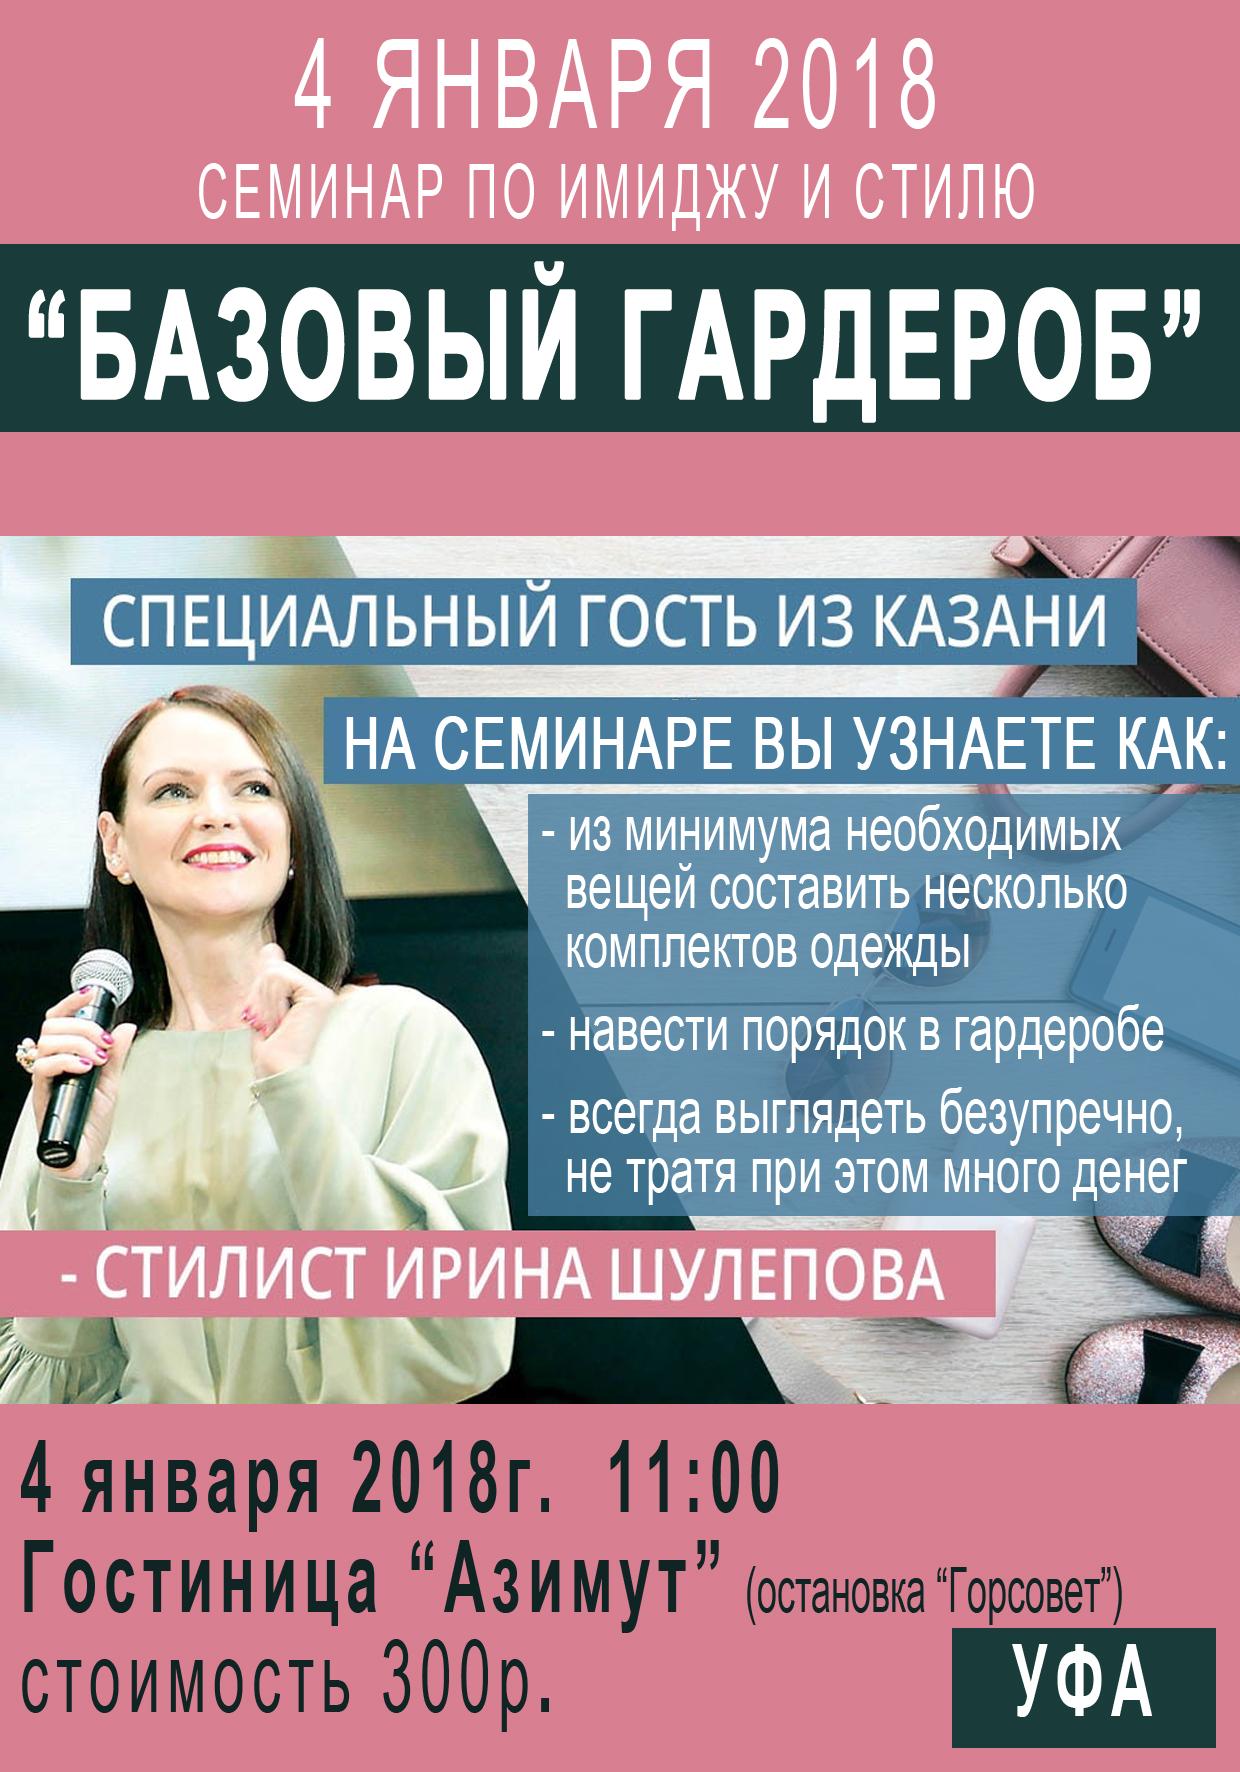 Уфа. Семинар стилиста Ирина Шулепова 04.01.2018 11:00